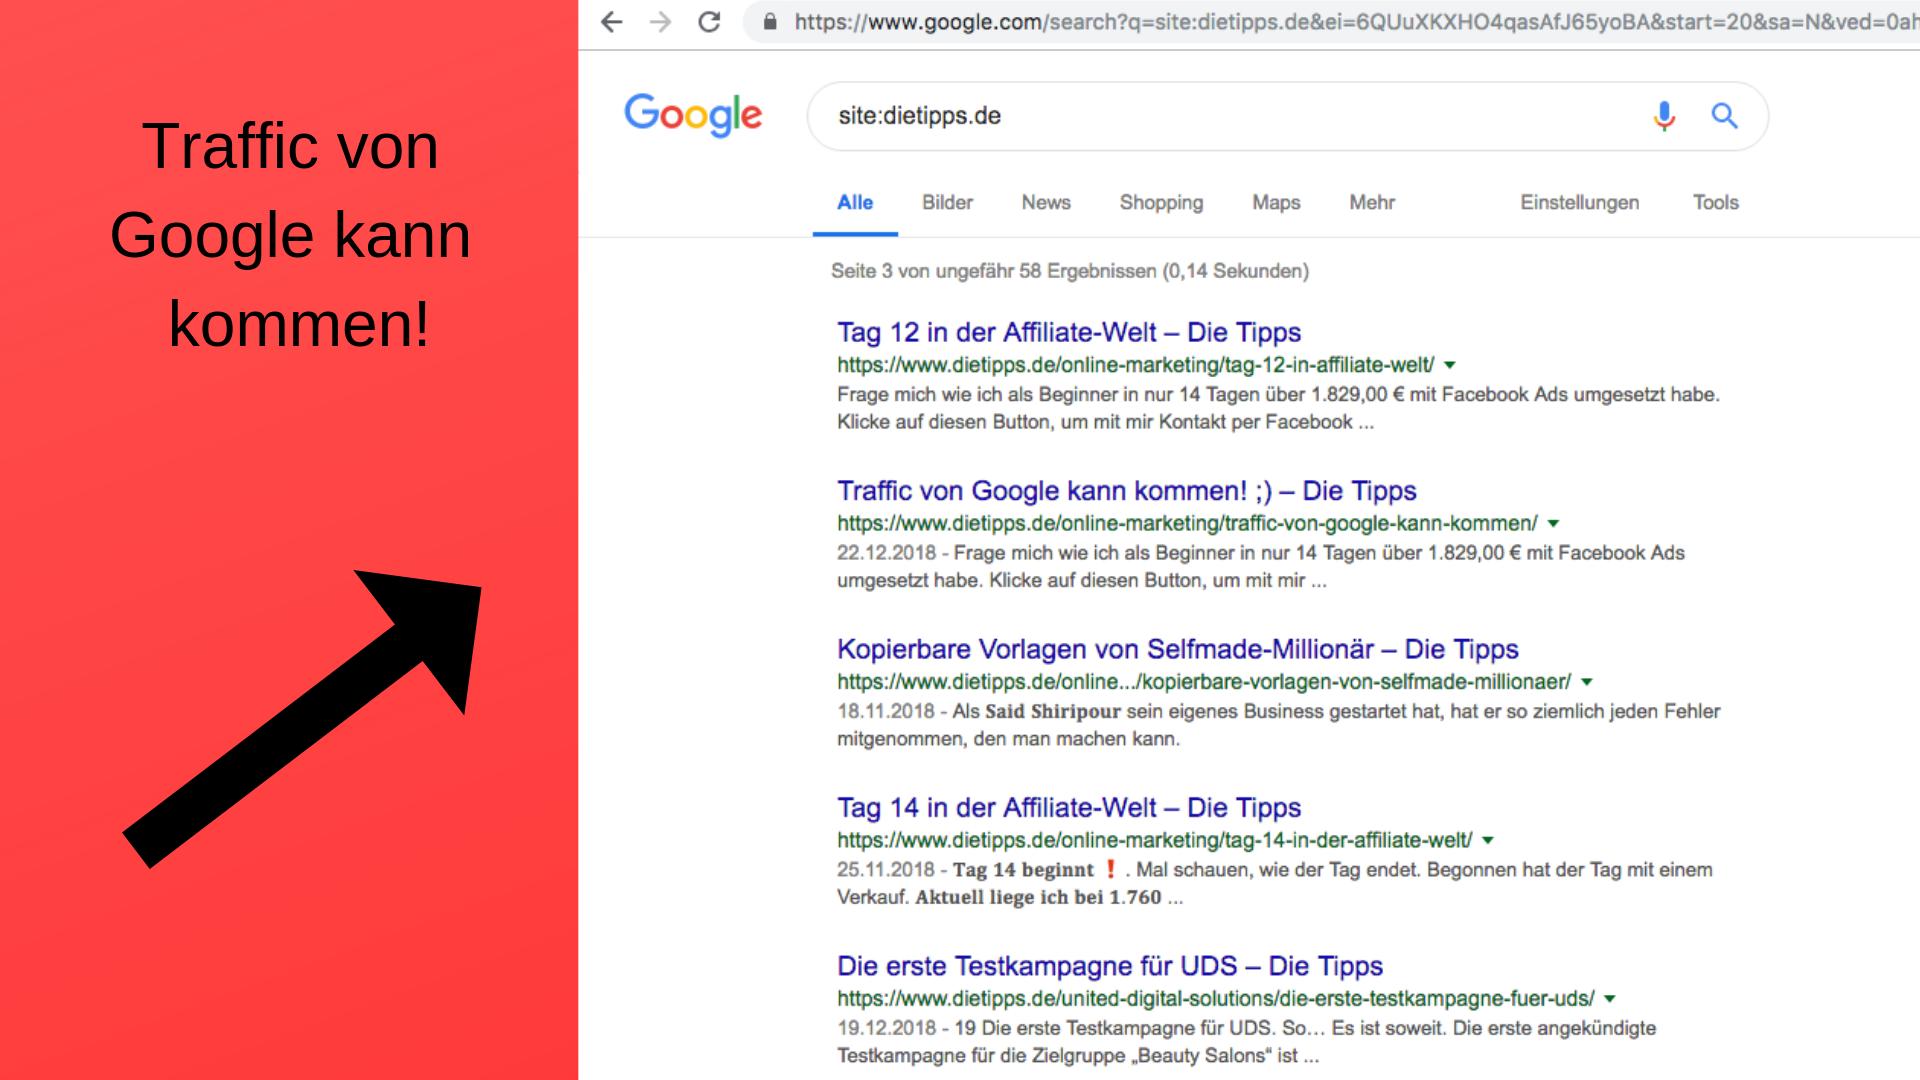 Traffic von Google kann kommen!